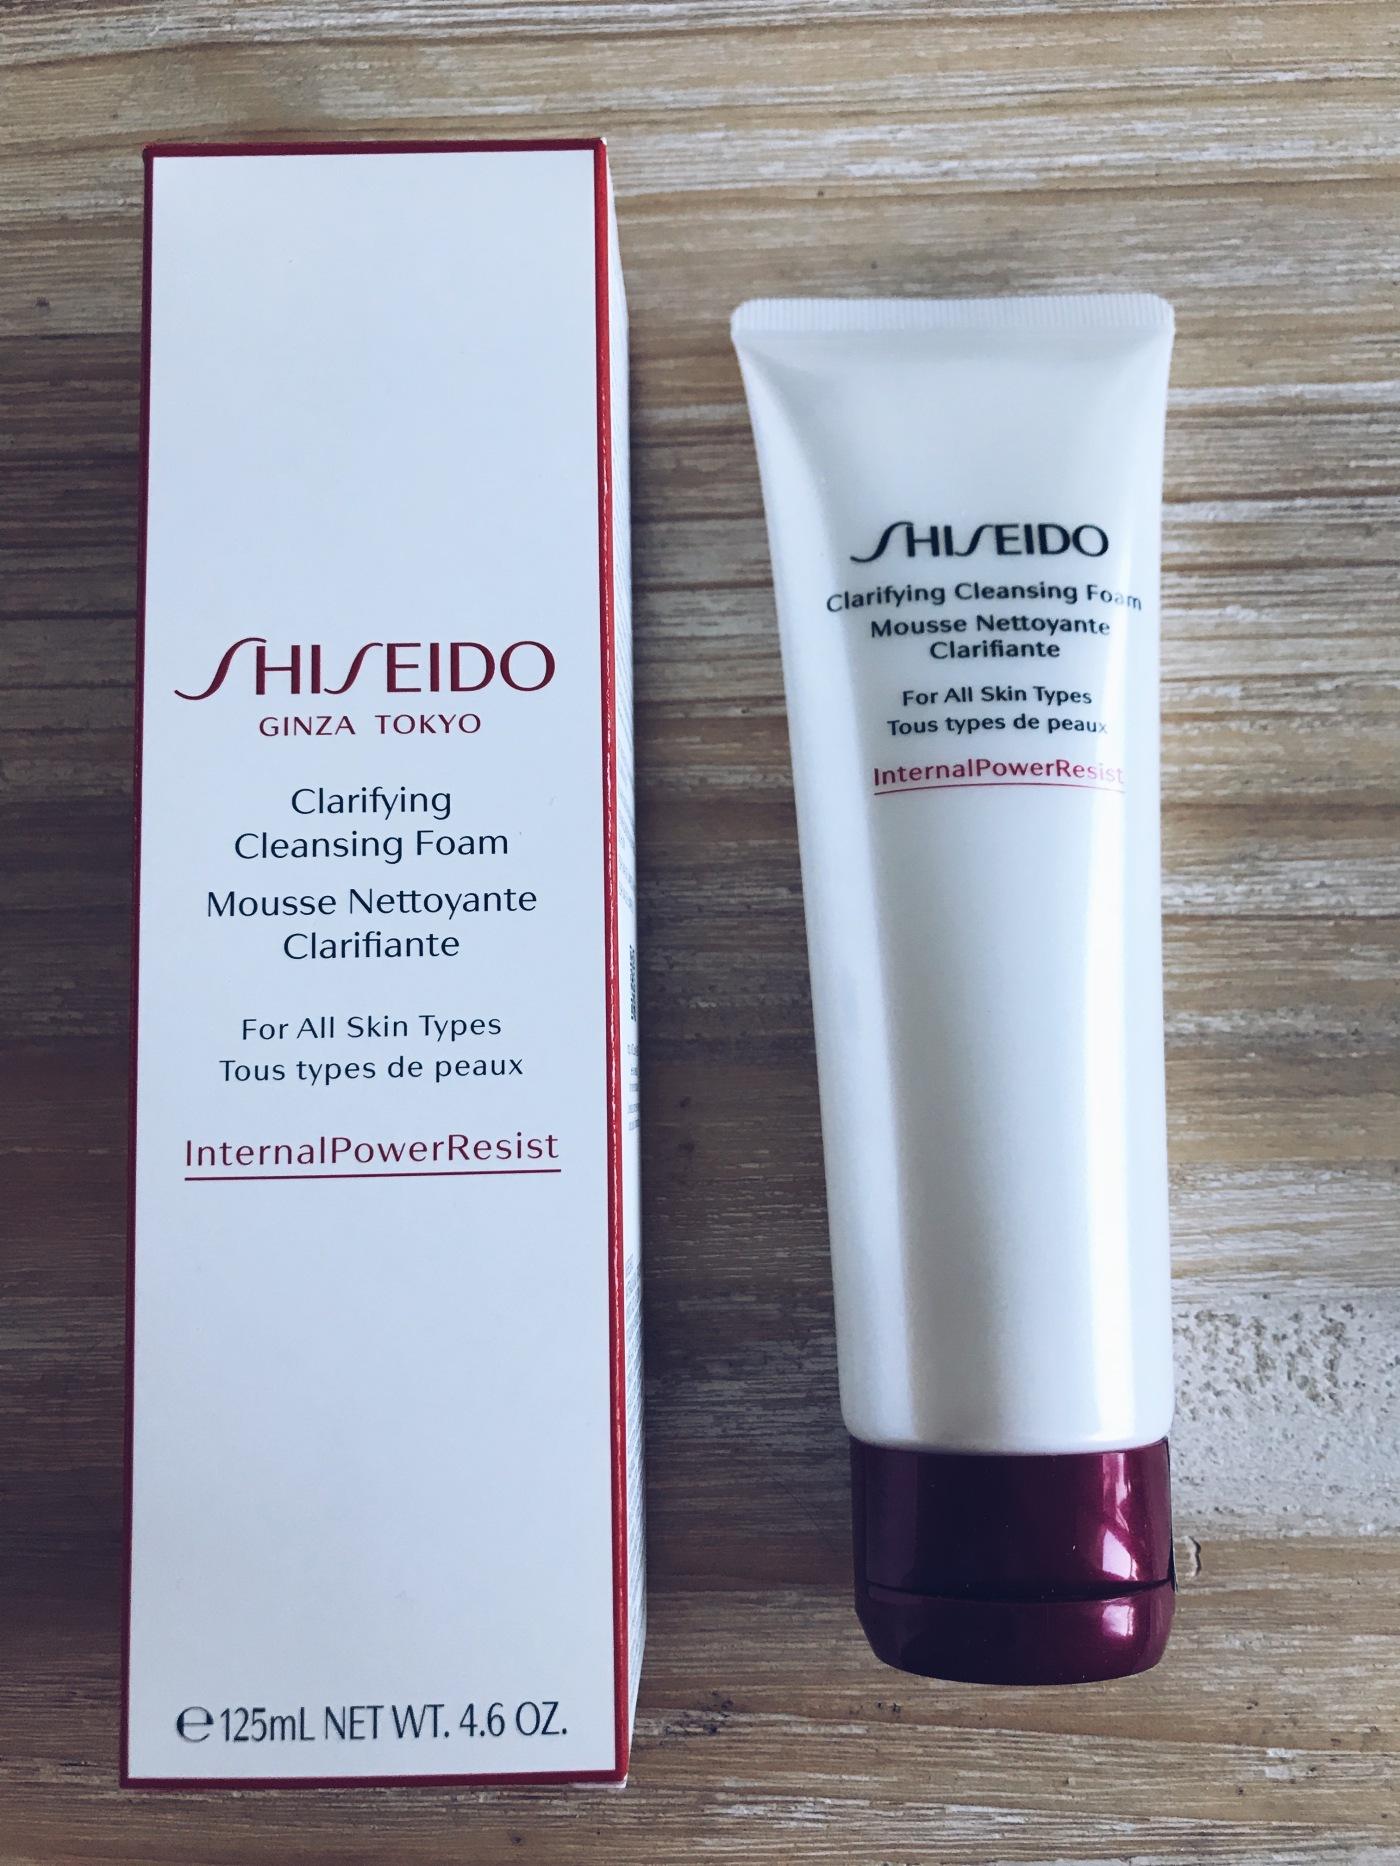 shiseido-nouveautes-mousse-nettoyante-clarifiante